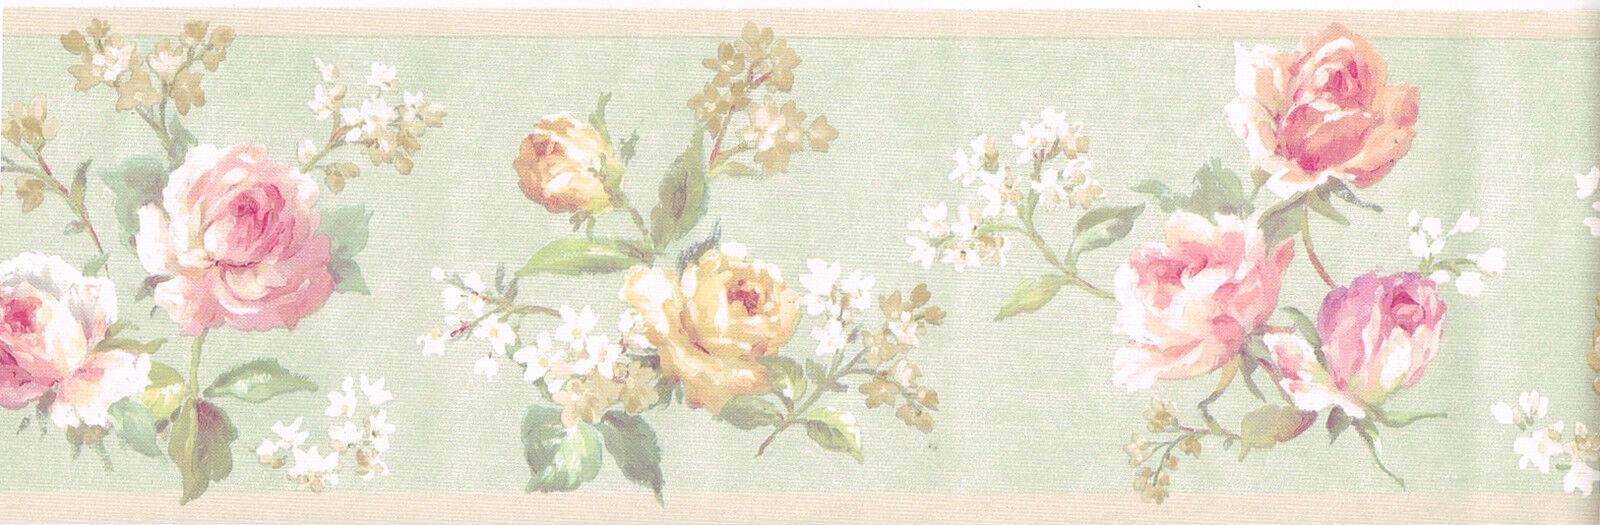 Victorian Pink Cream Rose Floral Flower Light Green Silk Satin Wall